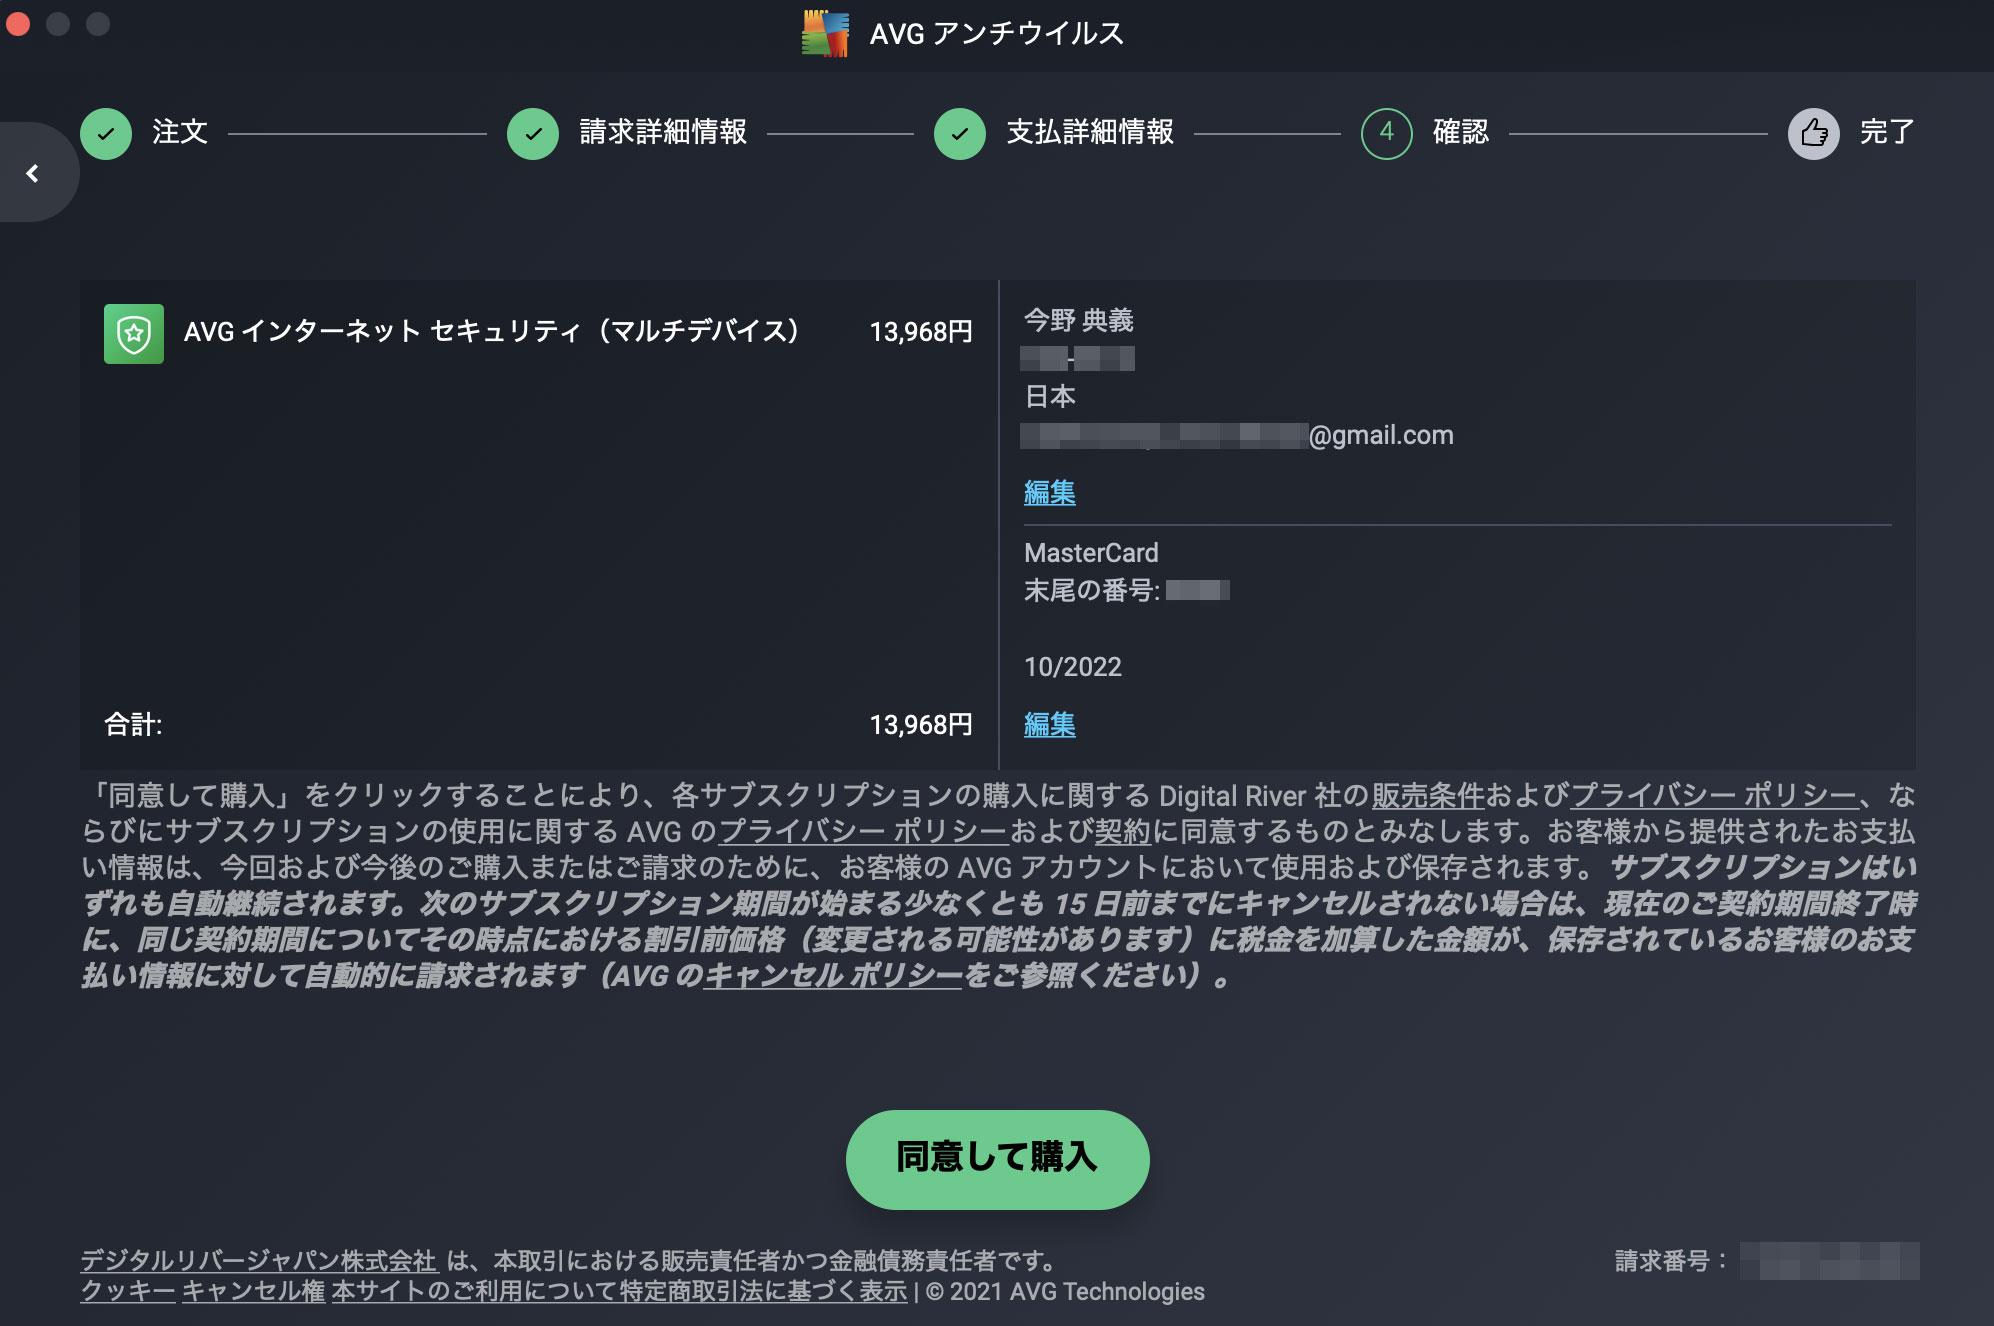 AVG-支払い確認と購入画面